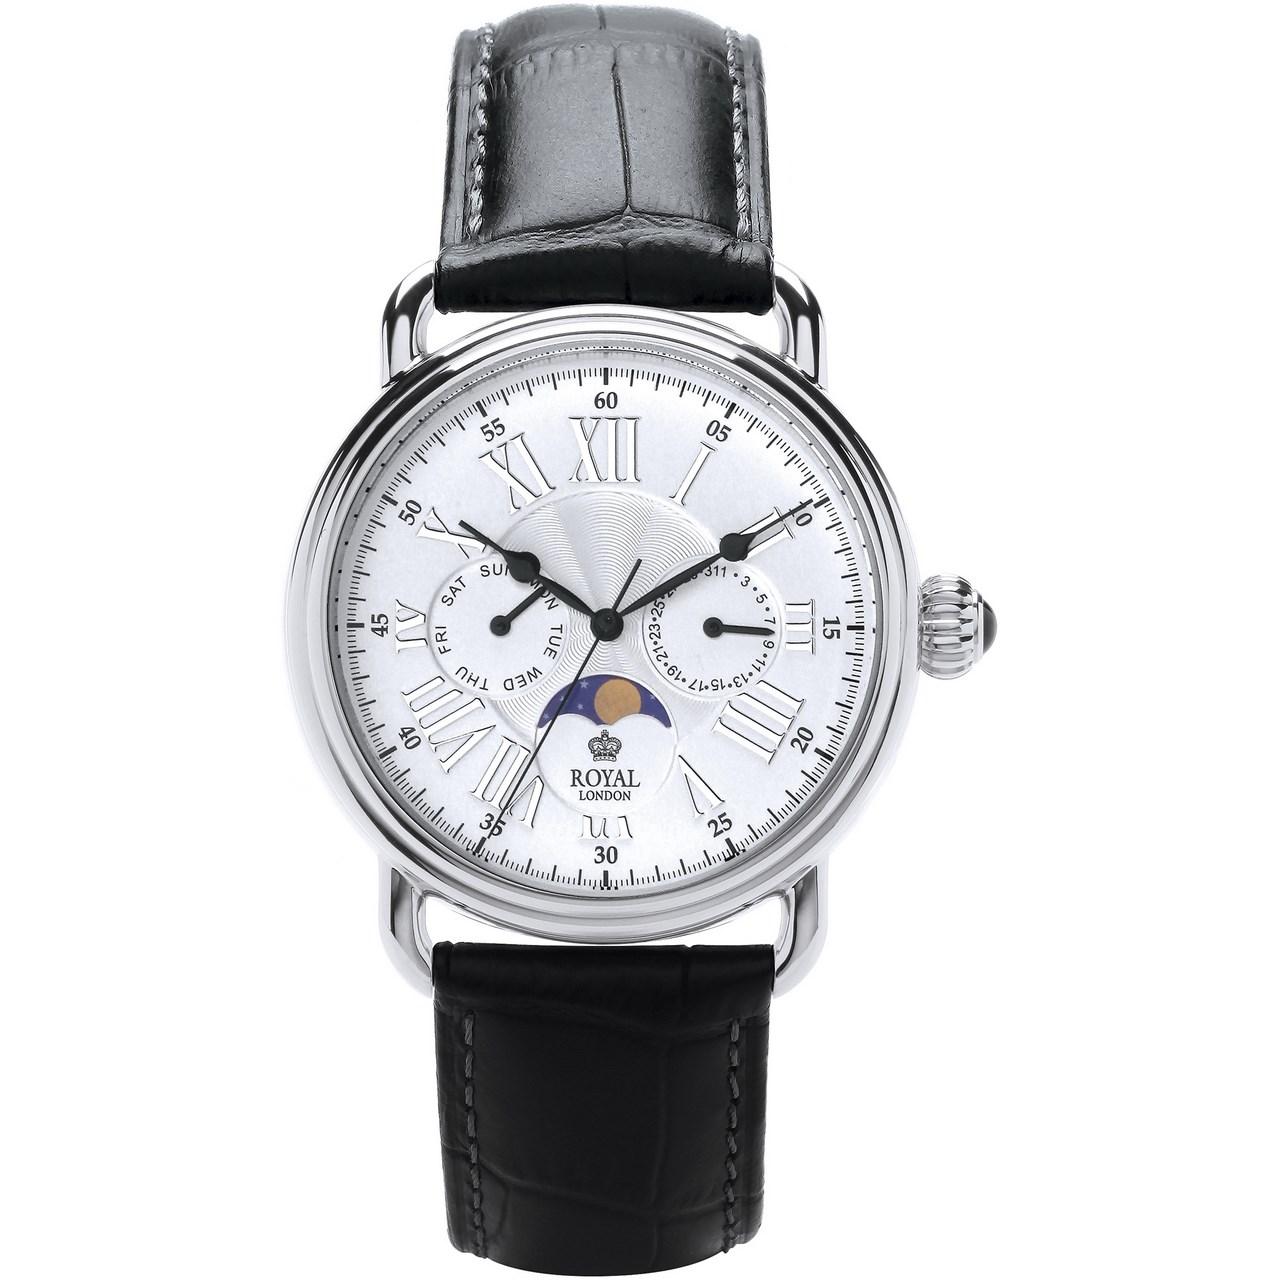 ساعت مچی عقربه ای مردانه رویال لندن مدل RL-41250-02 26